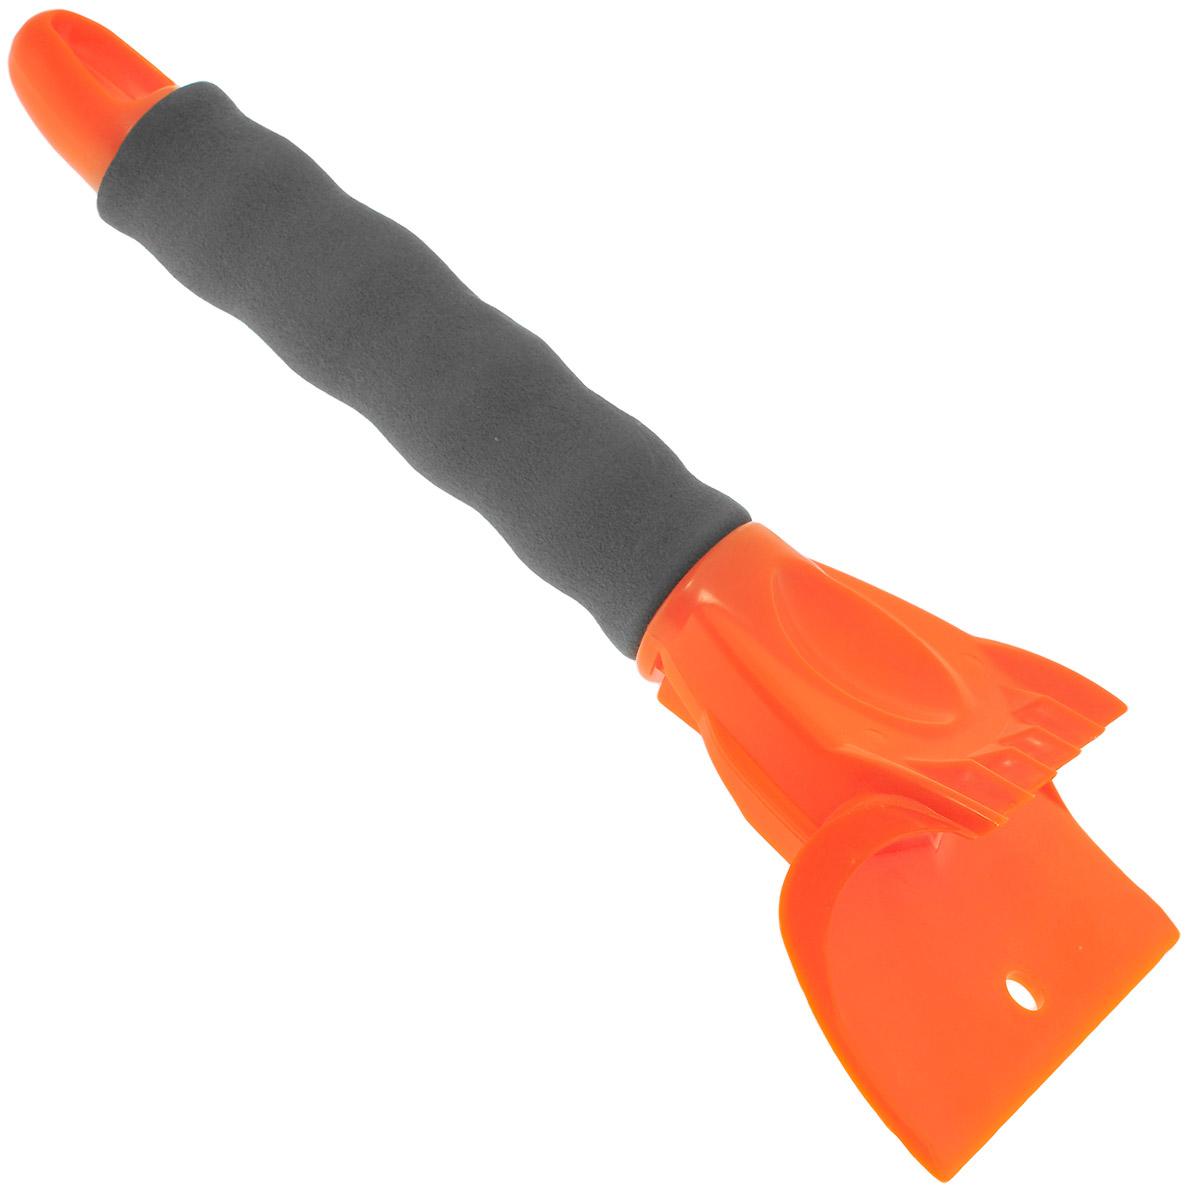 Скребок Airline, с двойной рабочей поверхностью, 25 смAB-P-05Скребок Airline предназначен для удаления льда. Имеет две рабочие поверхности, а также удобную мягкую, эргономичную рукоятку. Скребок дополнительно оснащен выемкой для большого пальца, что позволяет добиться большего эффекта. Изготовлен из морозостойкого пластика.